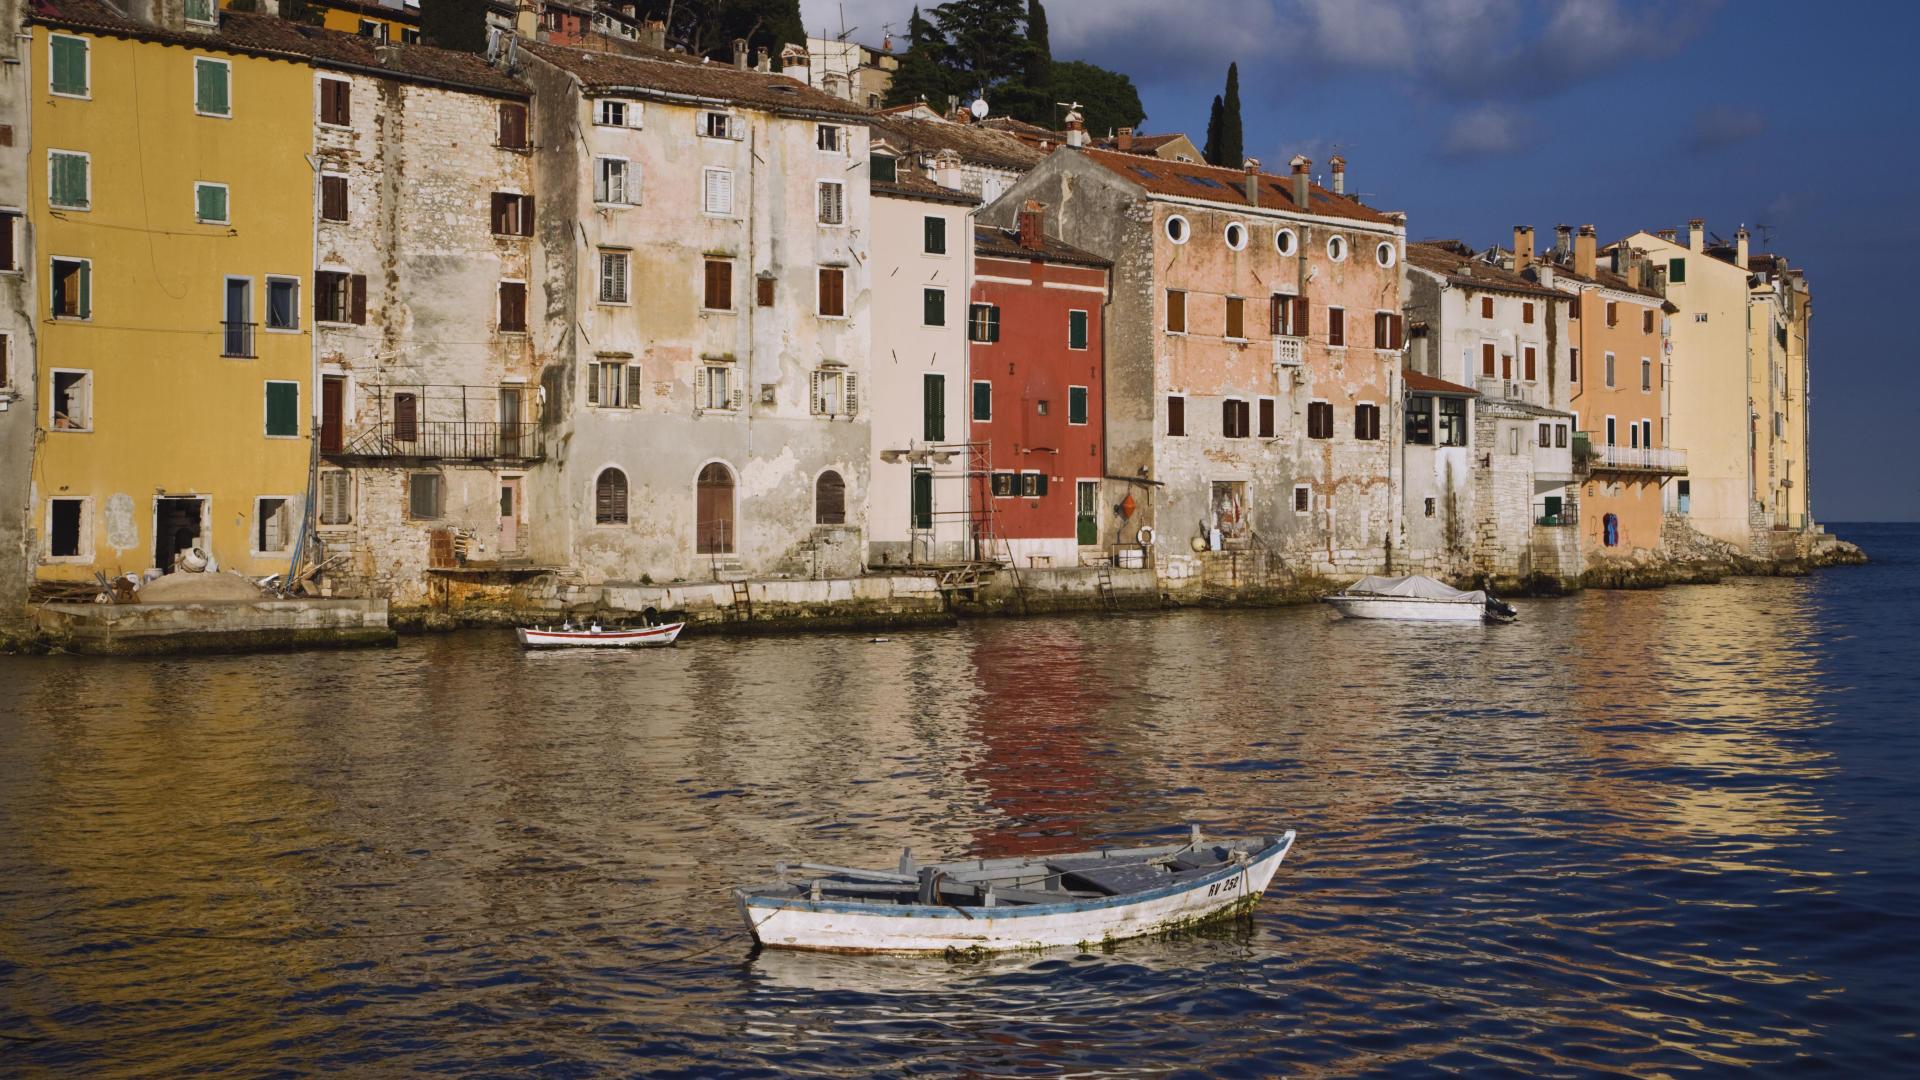 старинный город у моря смотреть